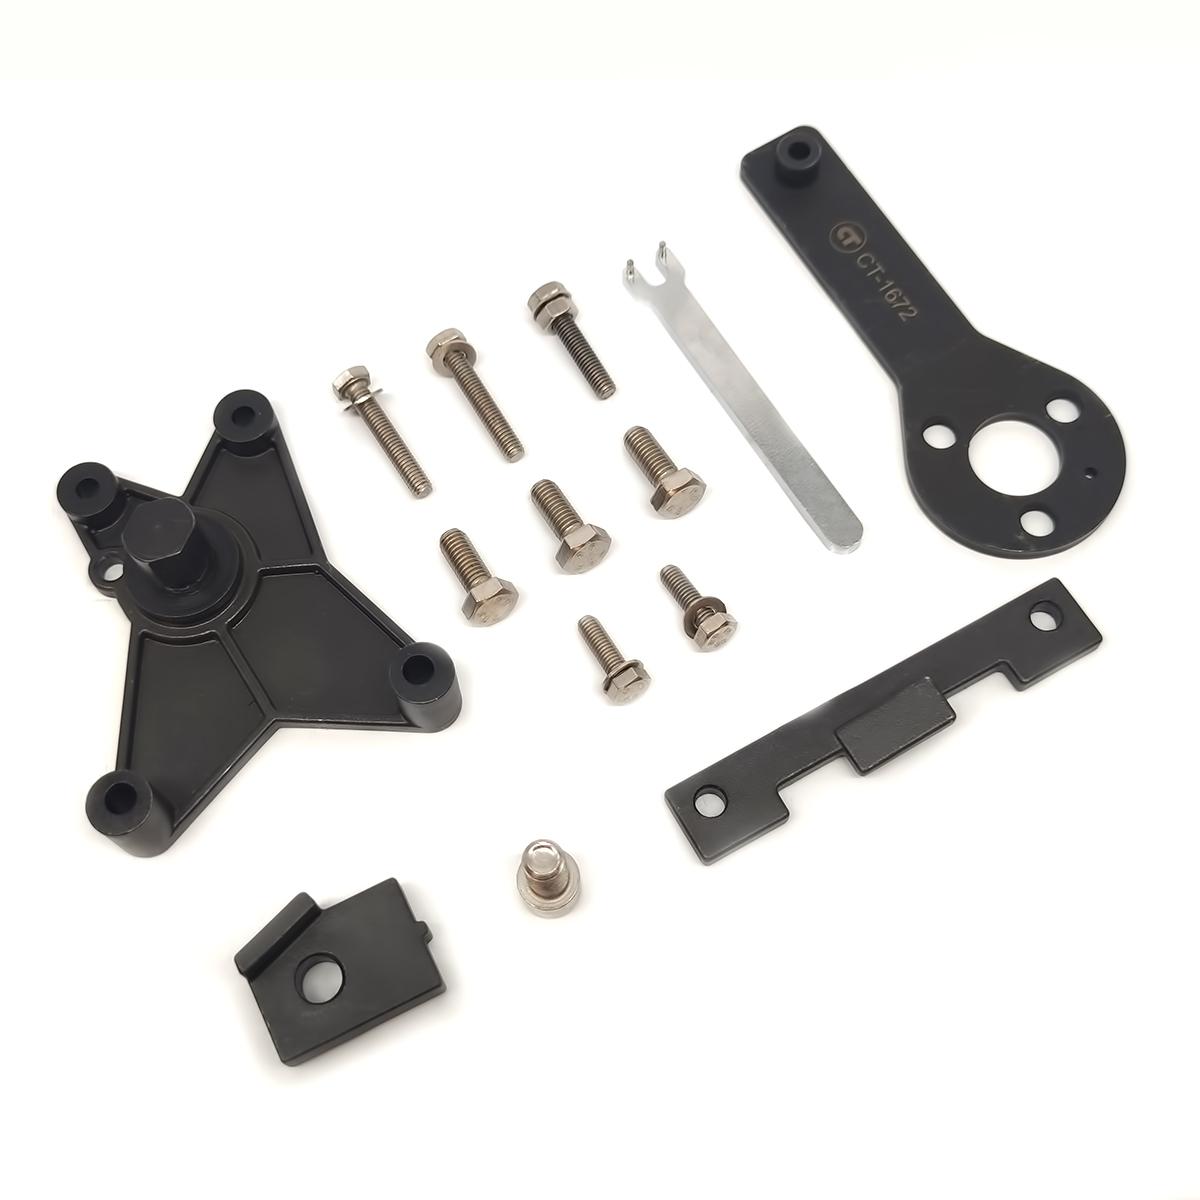 Установочный набор для ГРМ FIAT 1.2L / 1.4L 8V Car-Tool CT-1672